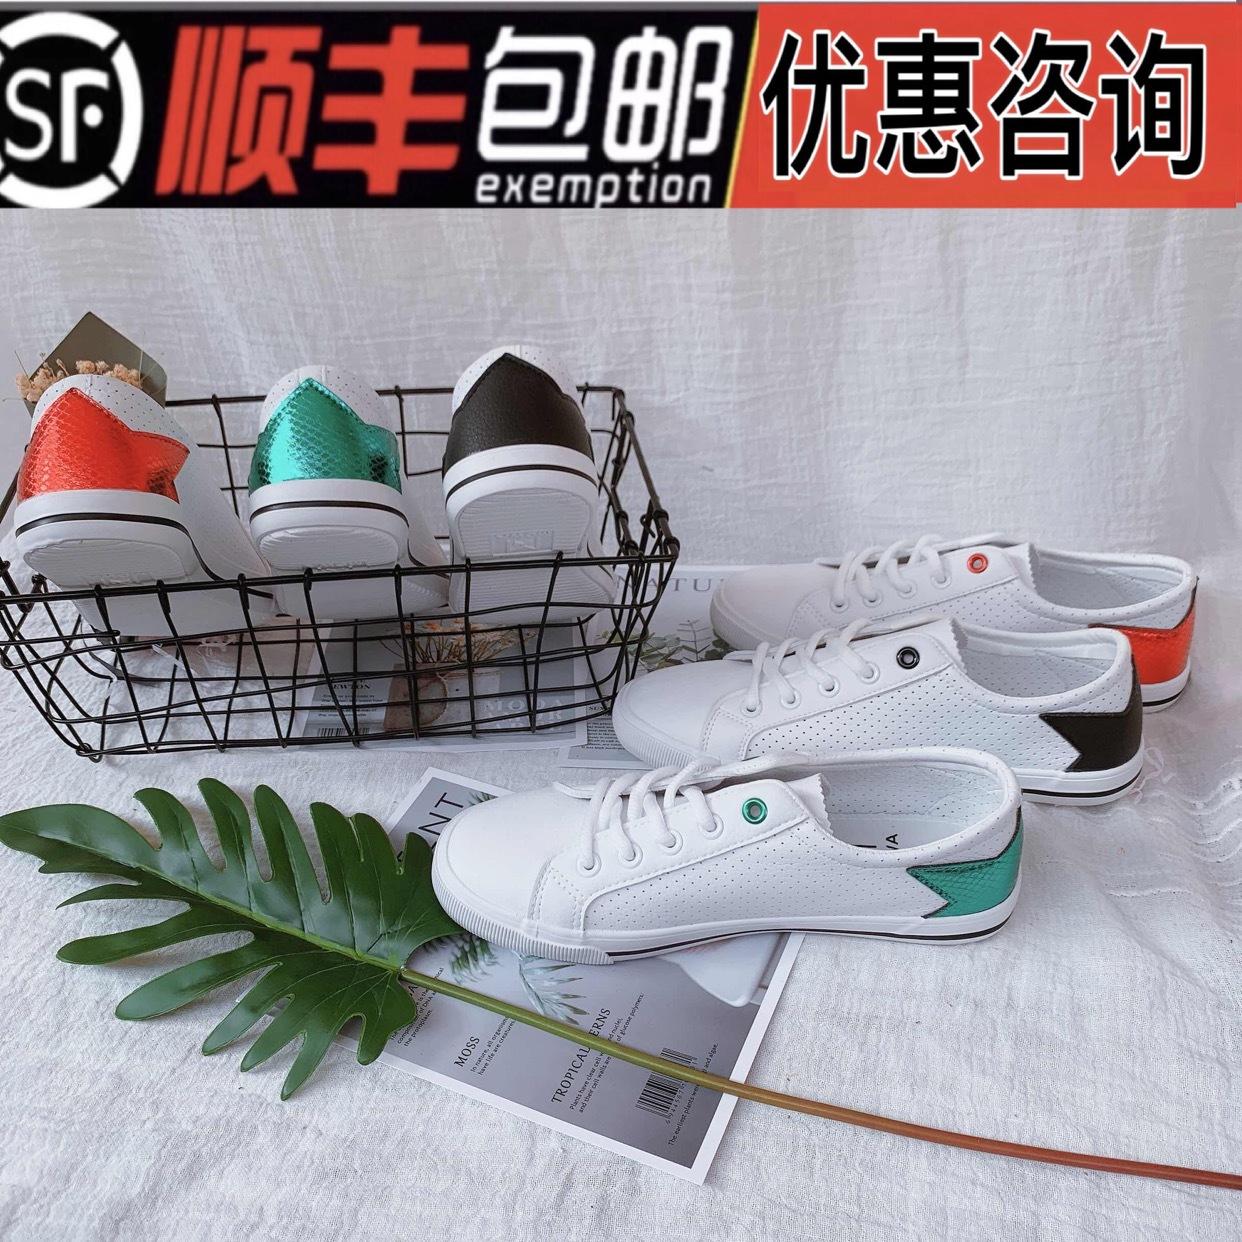 墨瓦mowa2019新款亲子系带儿童款日常圆头璀璨星光女鞋小白鞋包邮